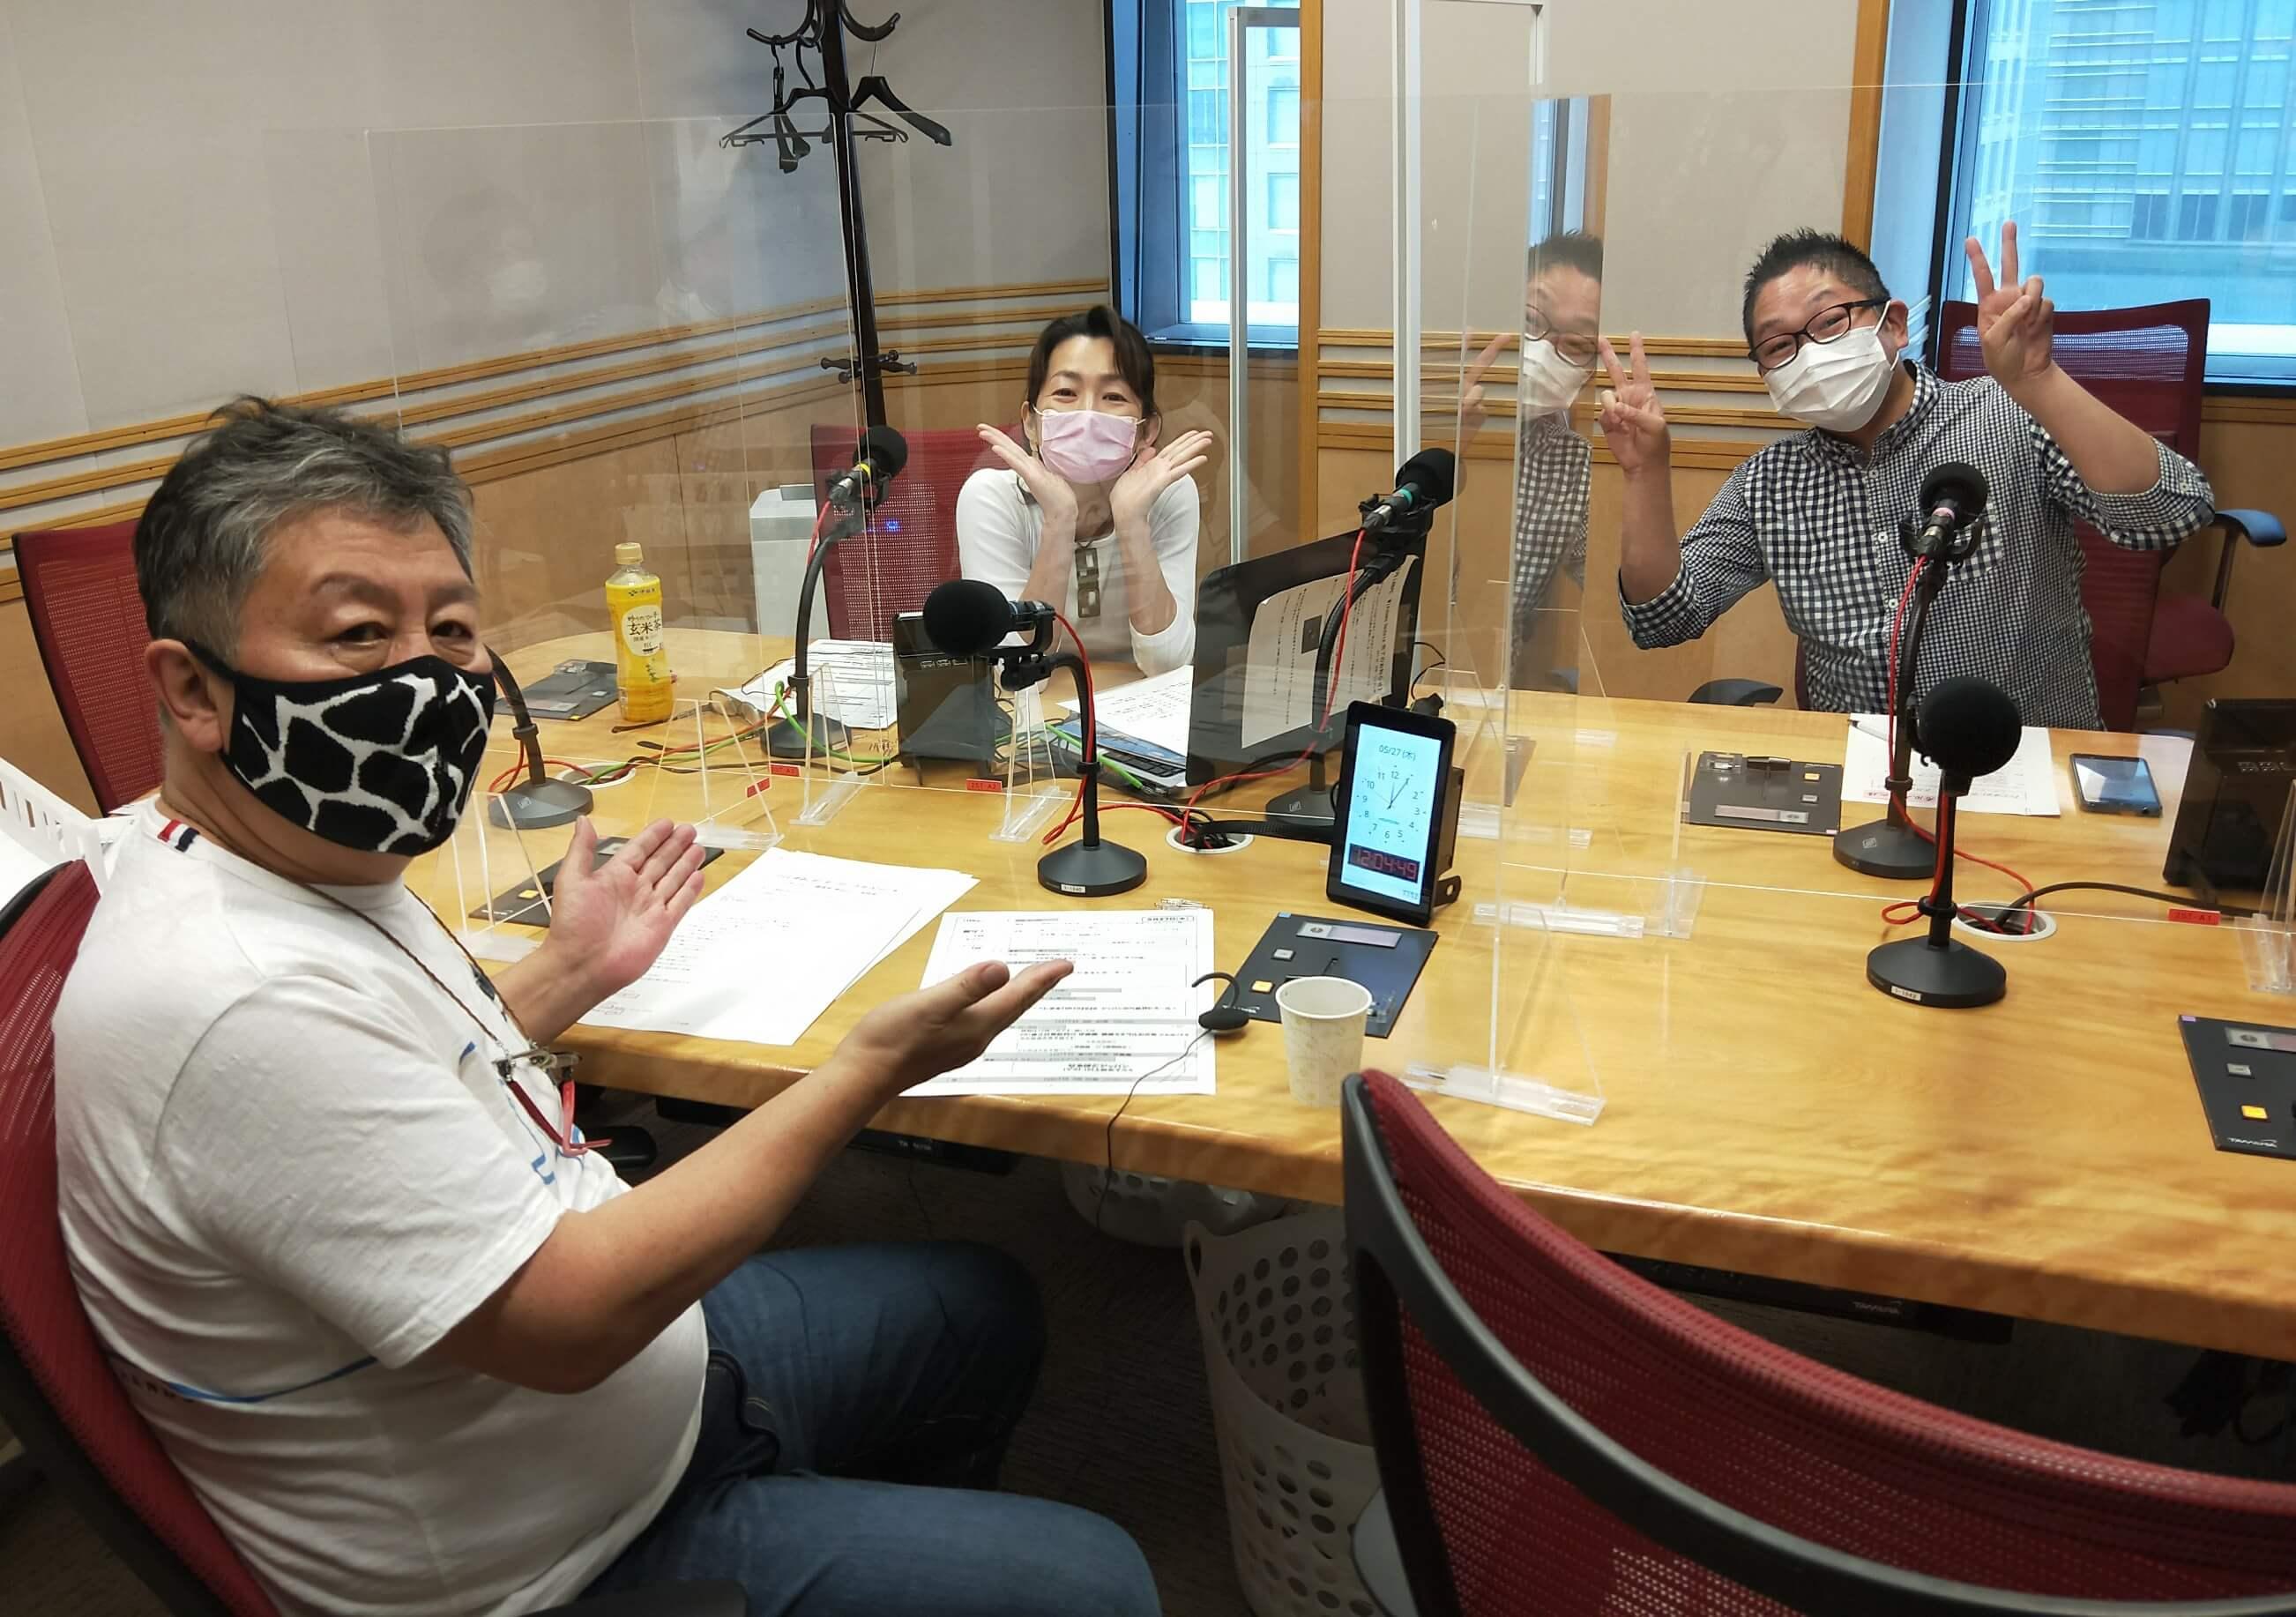 『くにまるジャパン極・くにまるレポーターズ』5月27日(木)のお客様:春風亭昇也さん